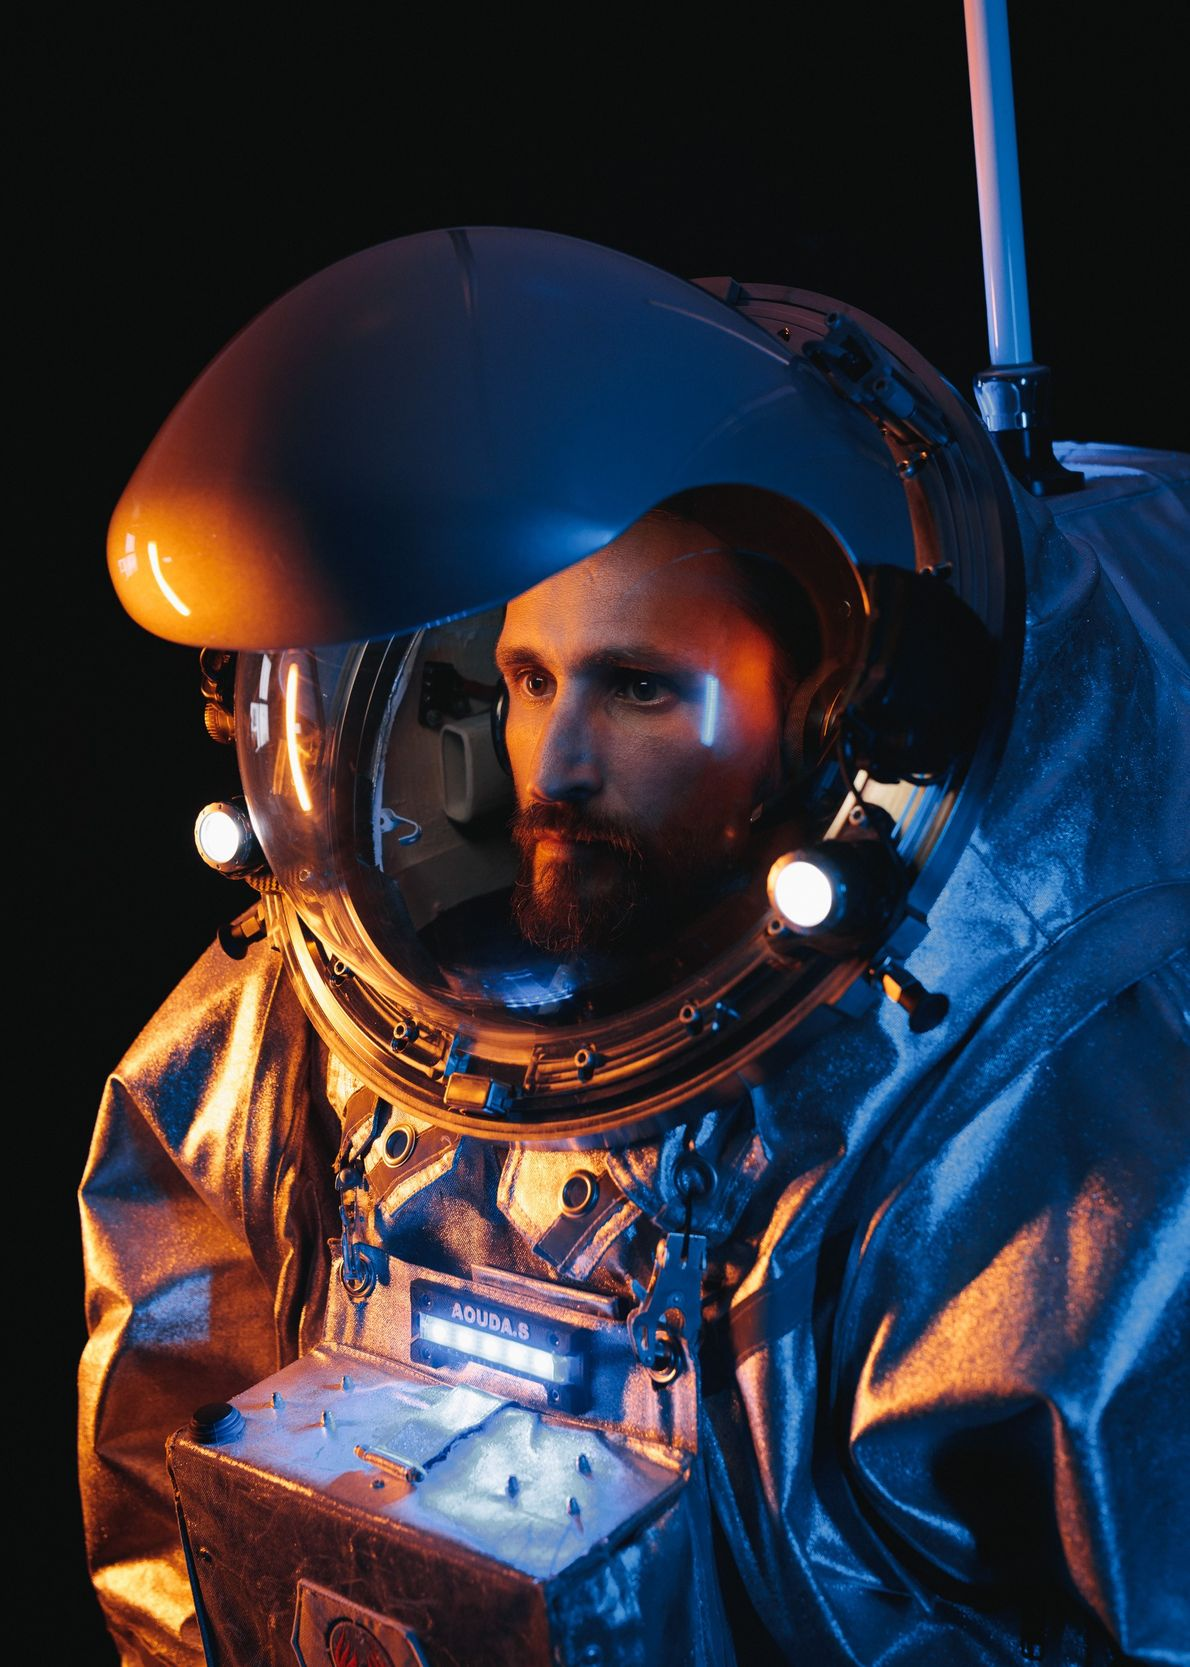 Der AMADEE-18-Analogastronaut Iñigo Muñoz Elorza lehrt am European Astronaut Center und hat bereits von der Erde ...